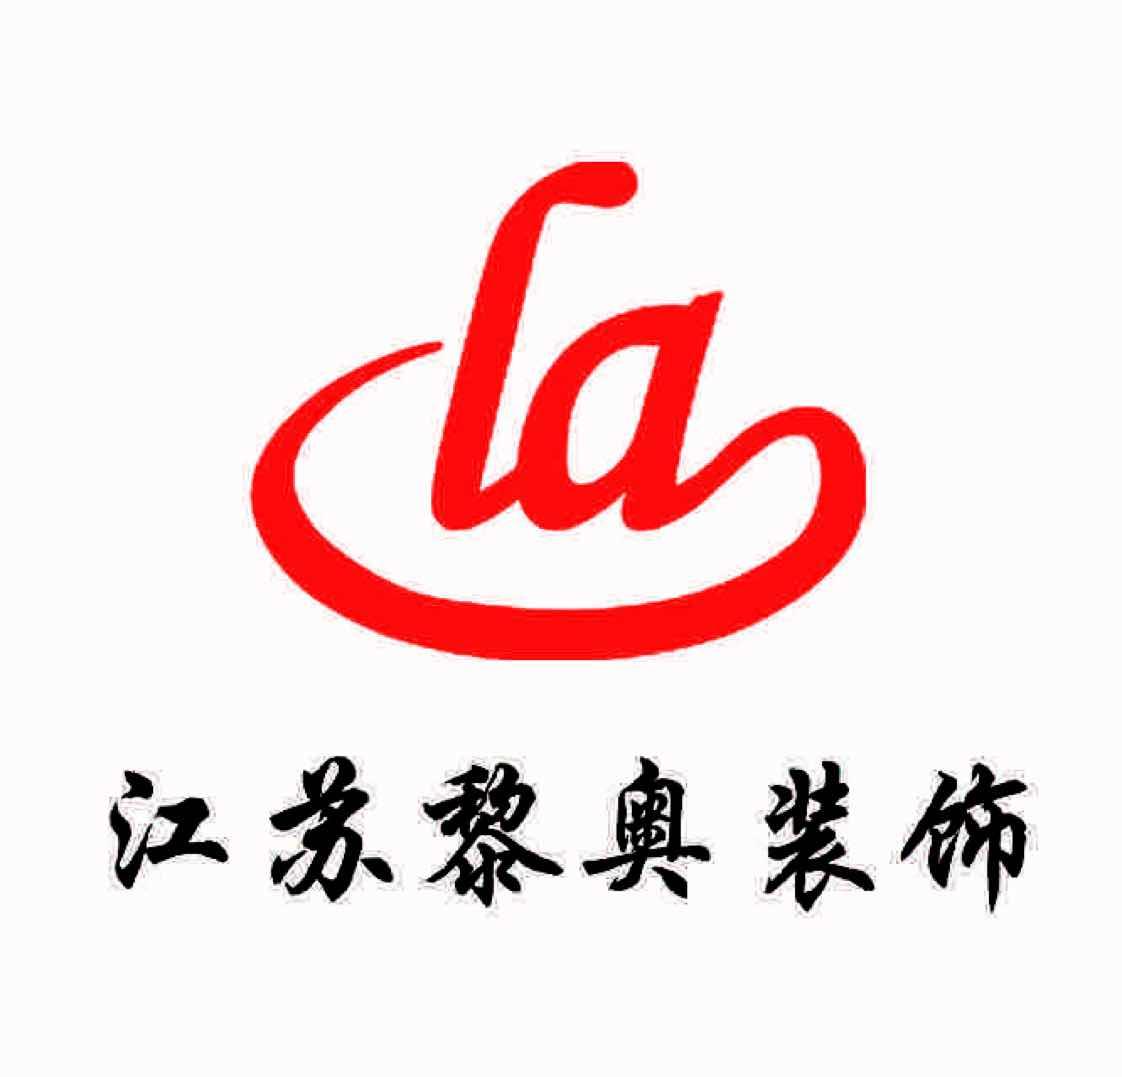 江苏心安之家装饰实景样板房建材体验馆有限公司